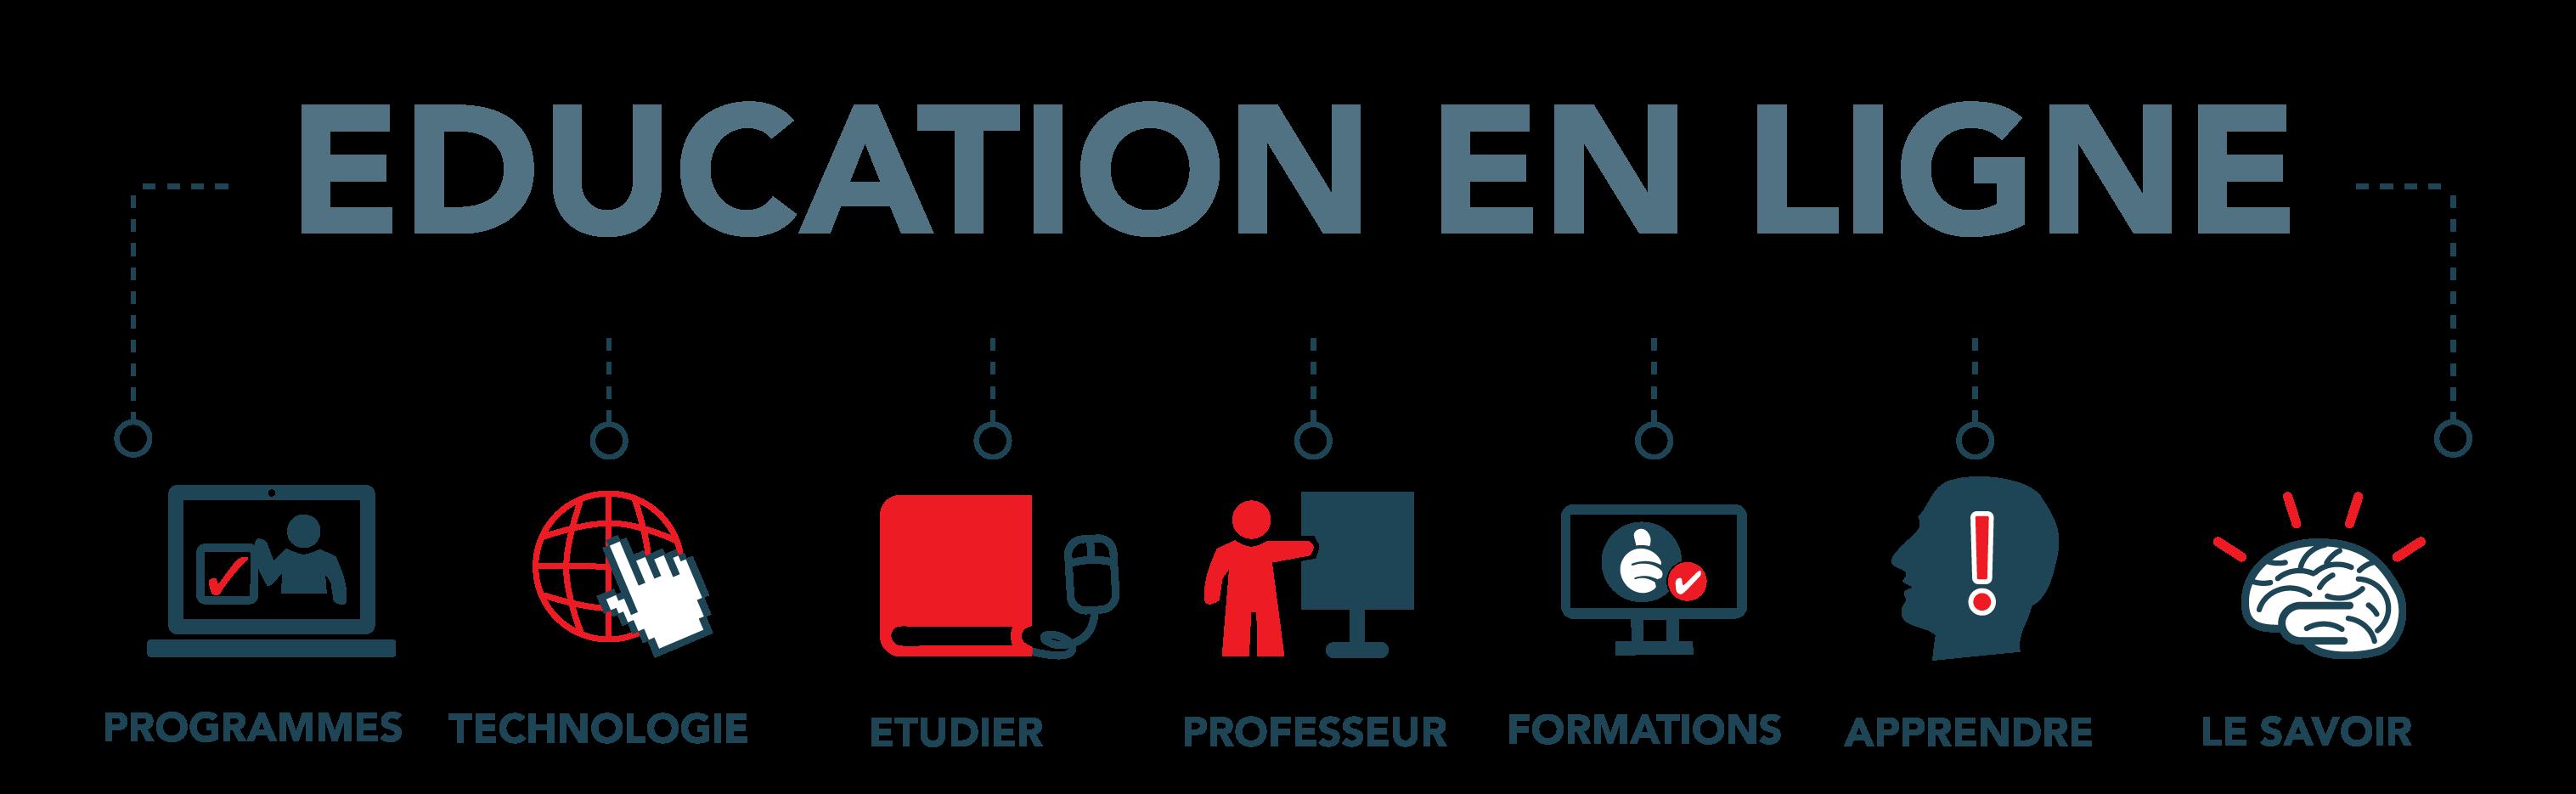 Process online courses